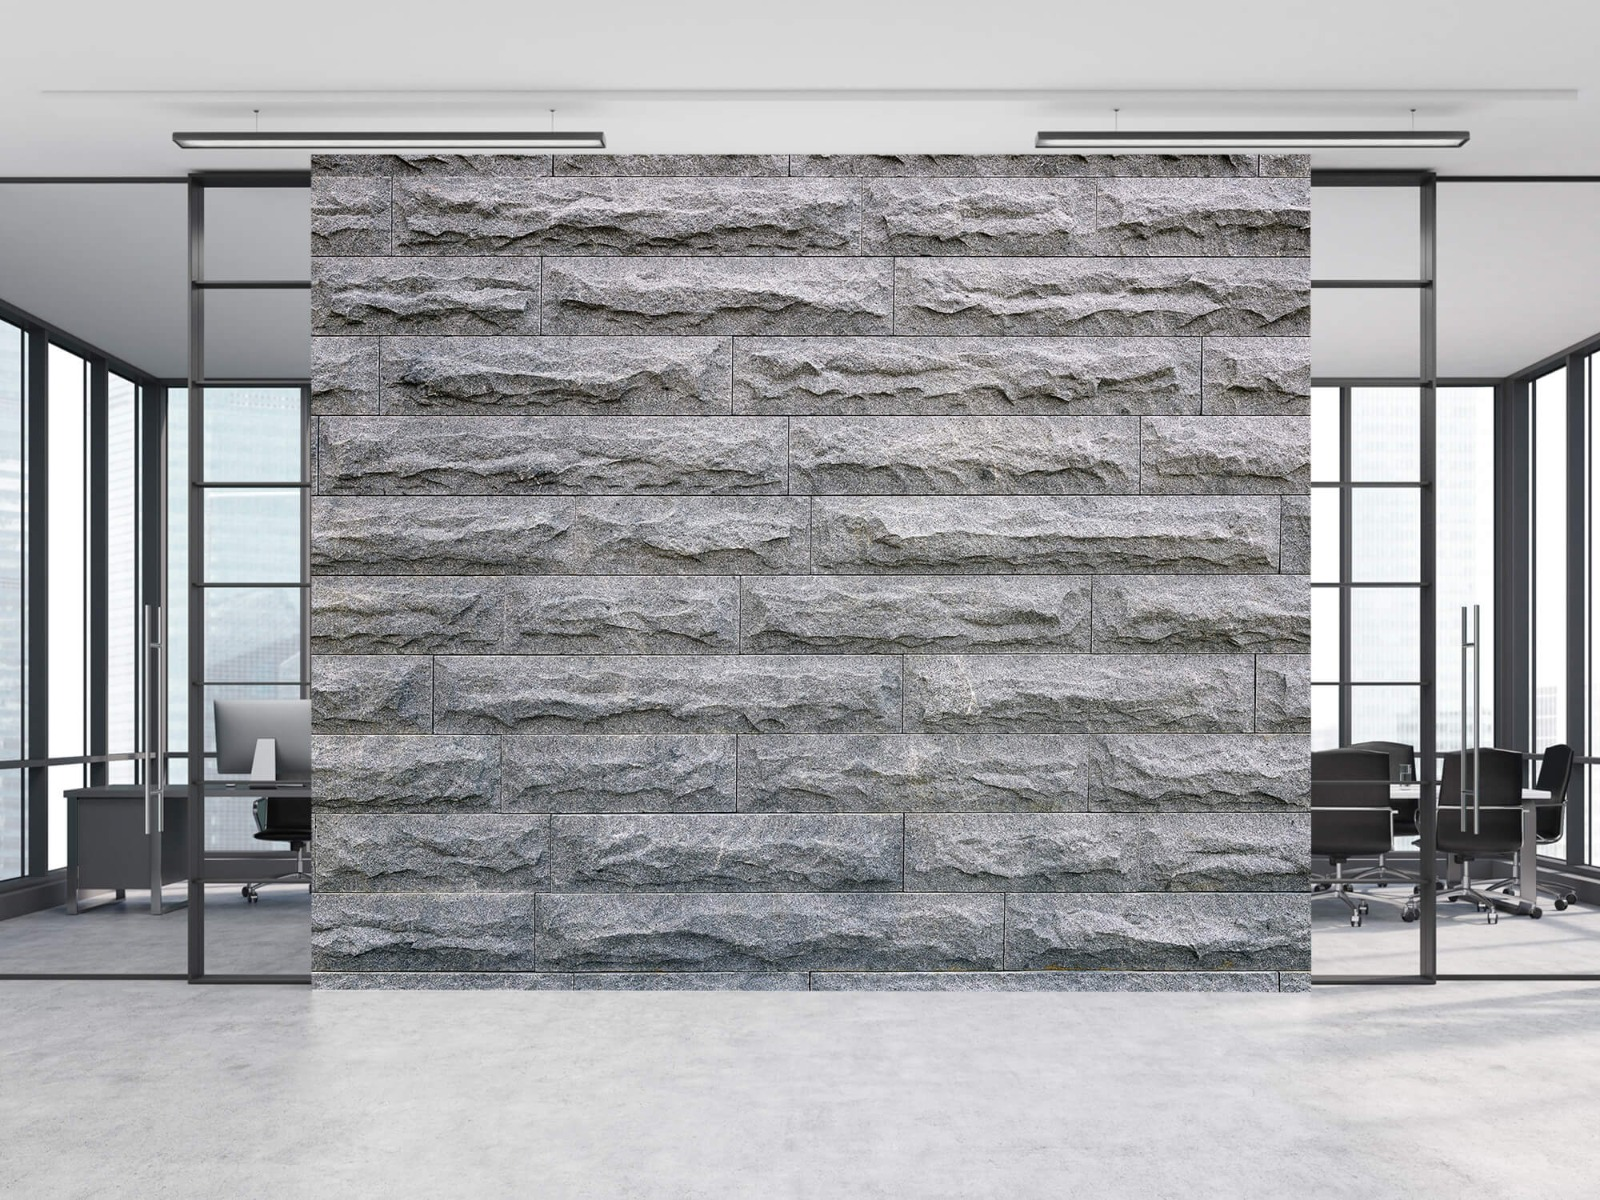 Steen behang - Grote grijze stenen - Slaapkamer 8